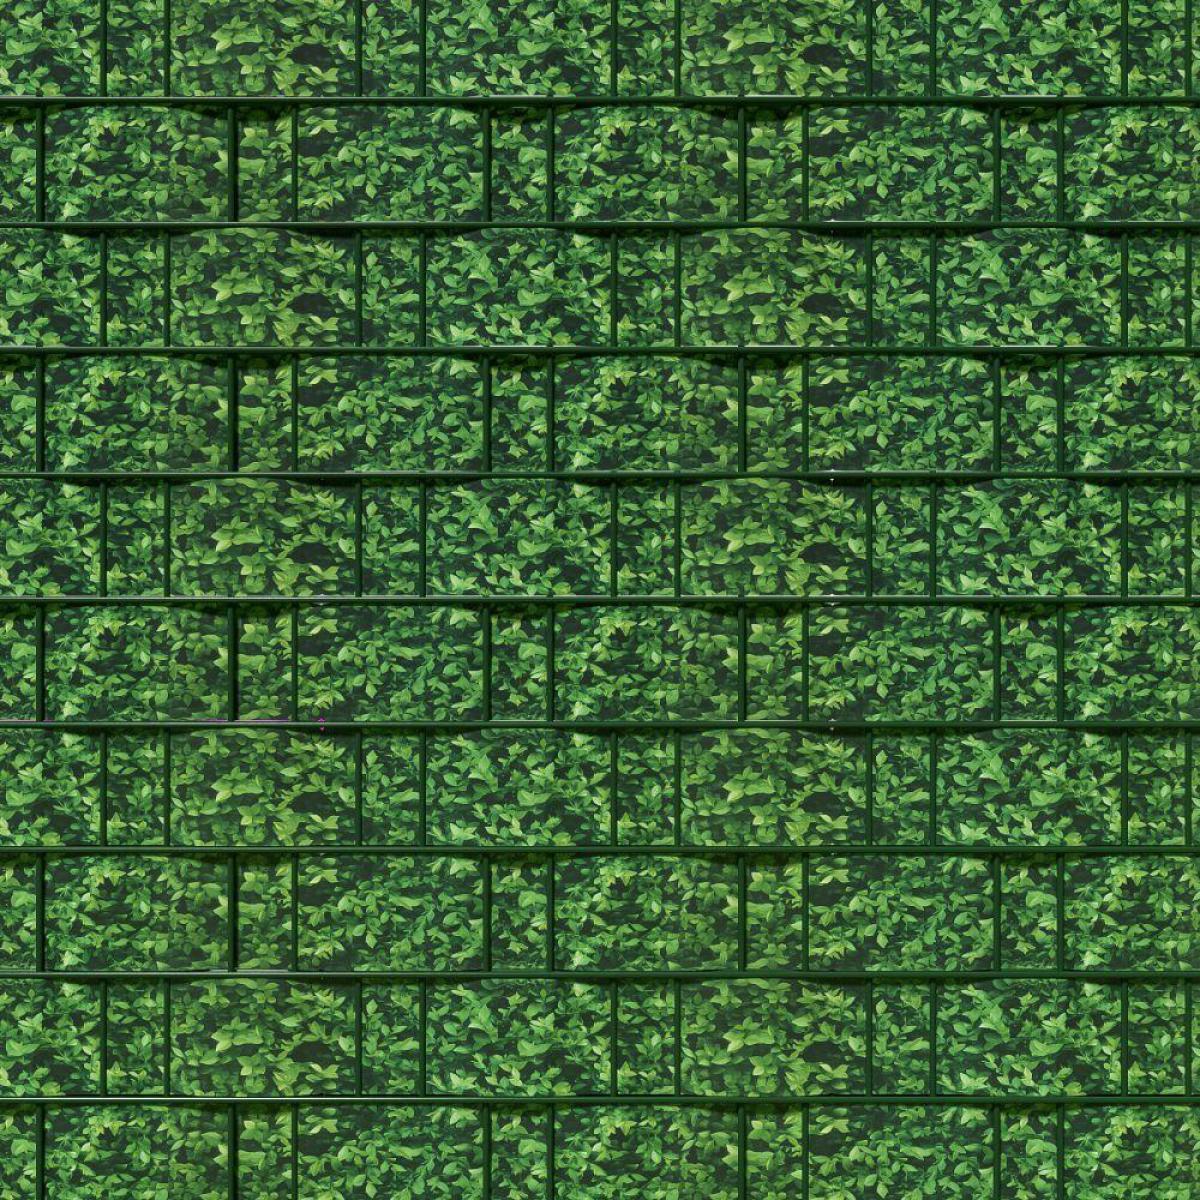 Helloshop26 Brise vue brise vent film anti regards clôture paravent PVC imprimé buis 70 m vert 2208222